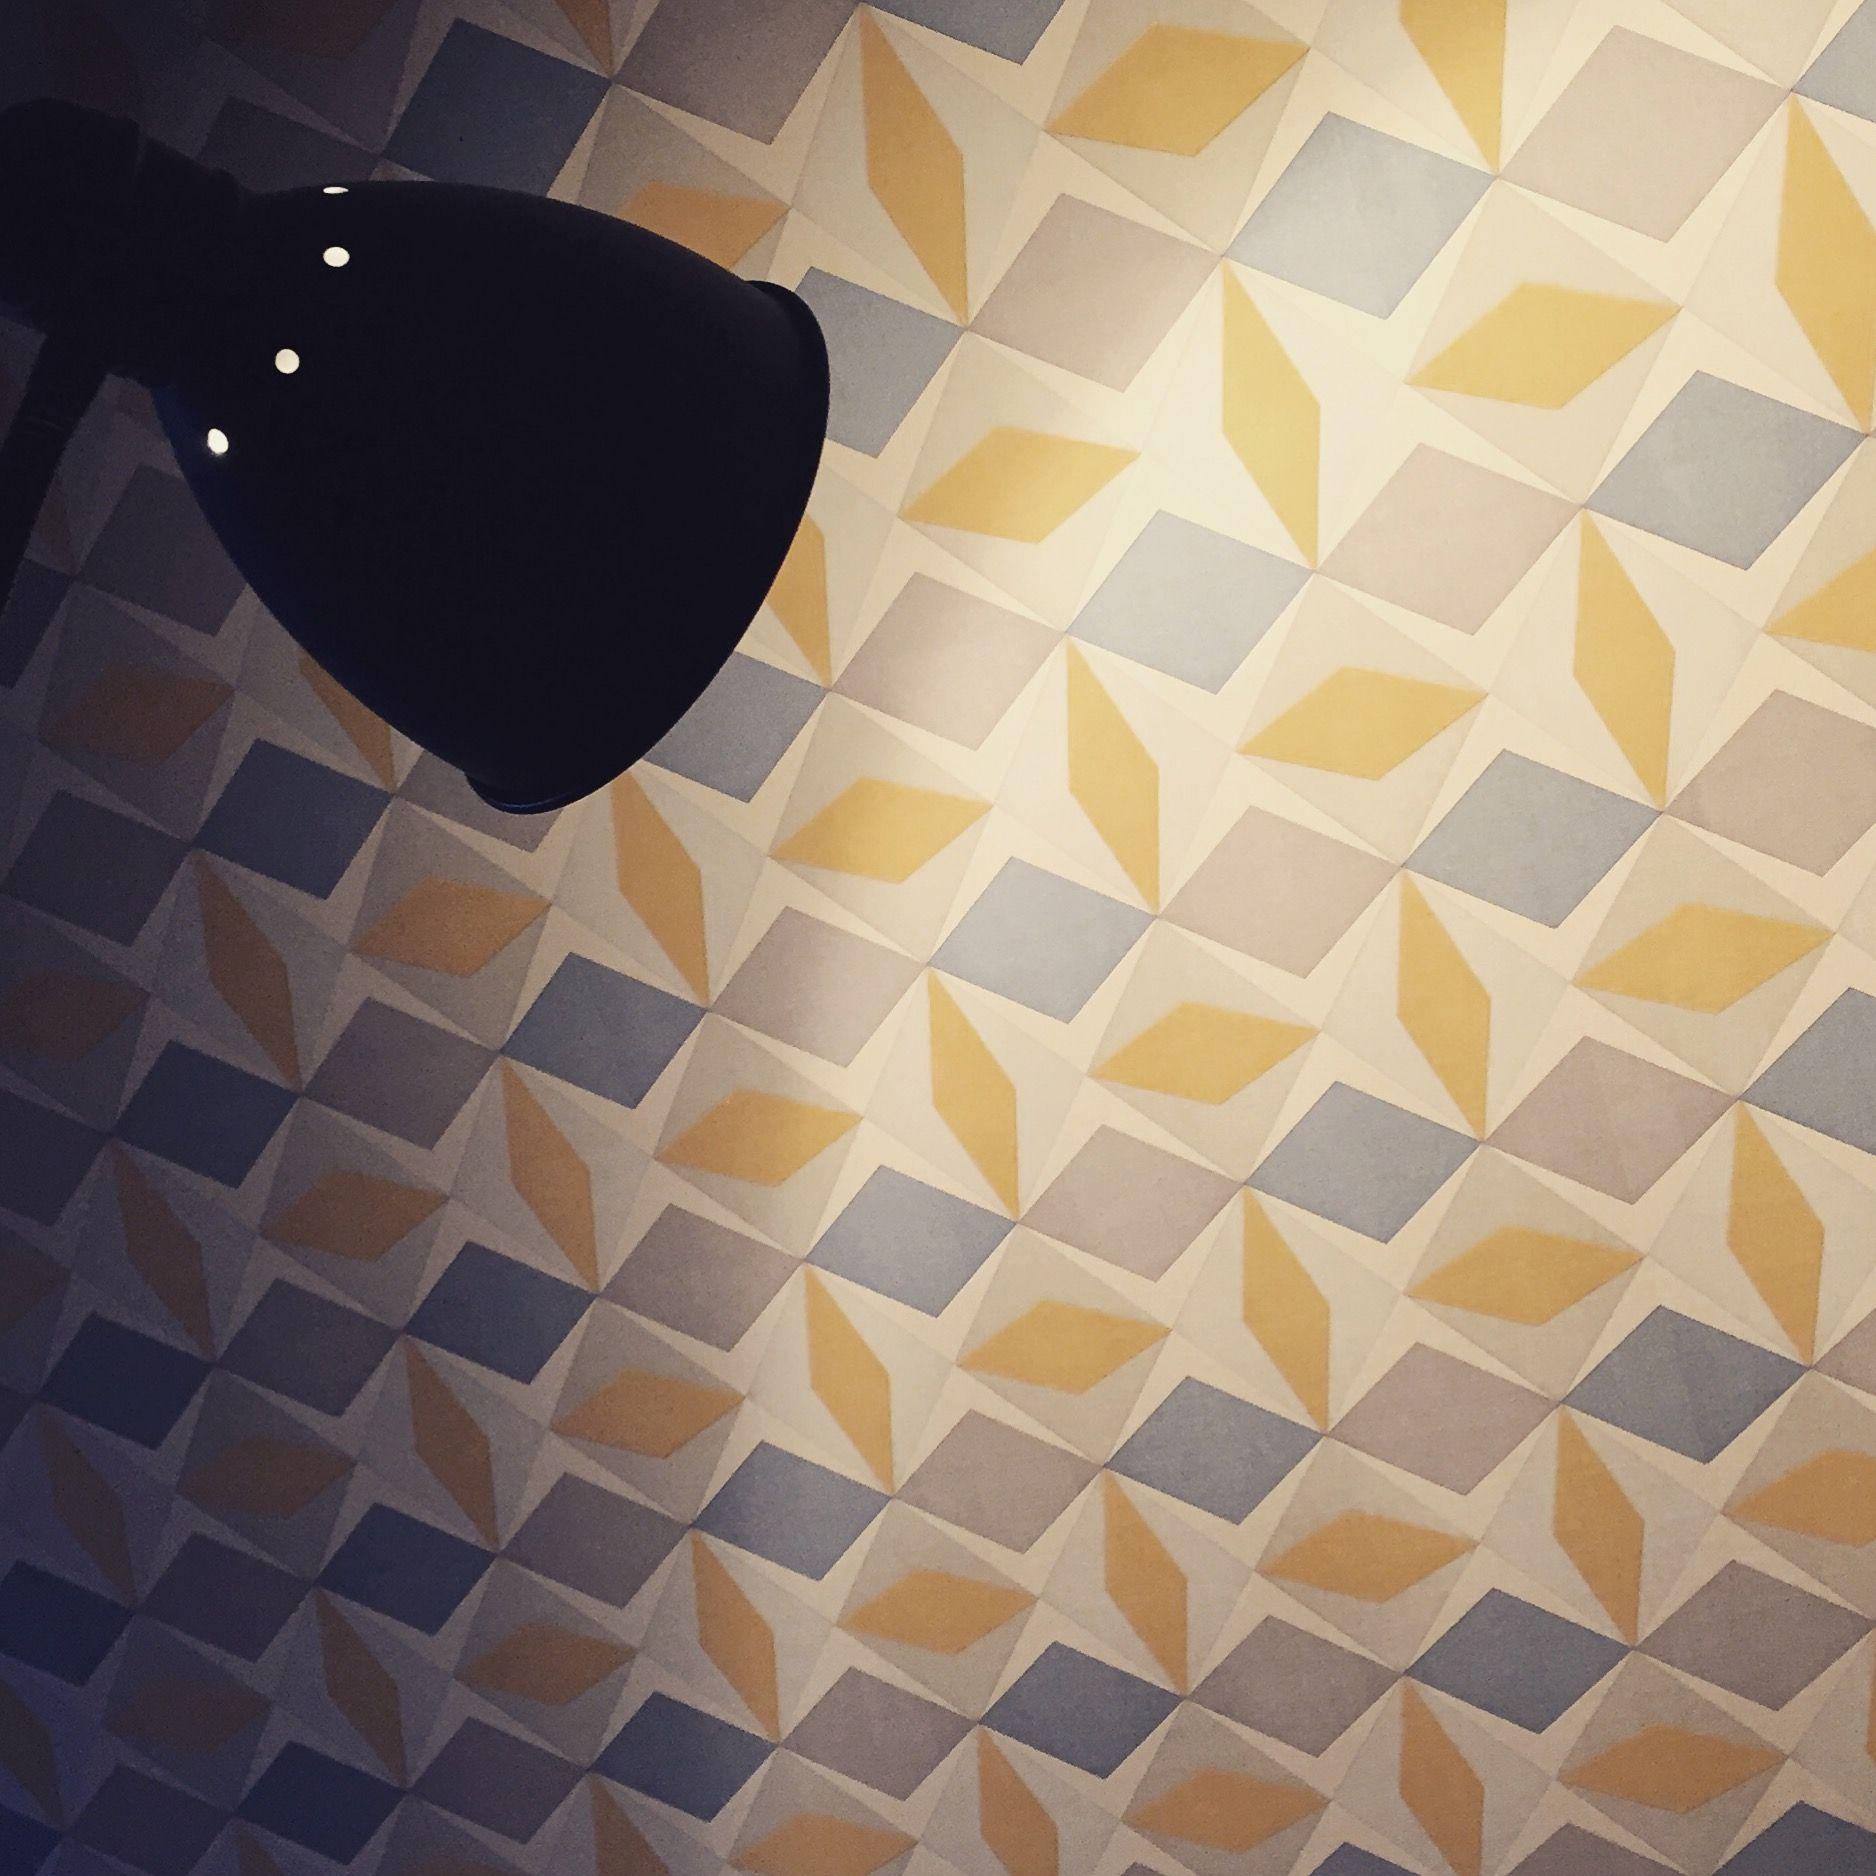 Un Tour Chez Nous - Le magazine #design #décoration #papier #peint #mur #gris #bleu #jaune #leroymerlin #chambre #parent #graphique #lampe